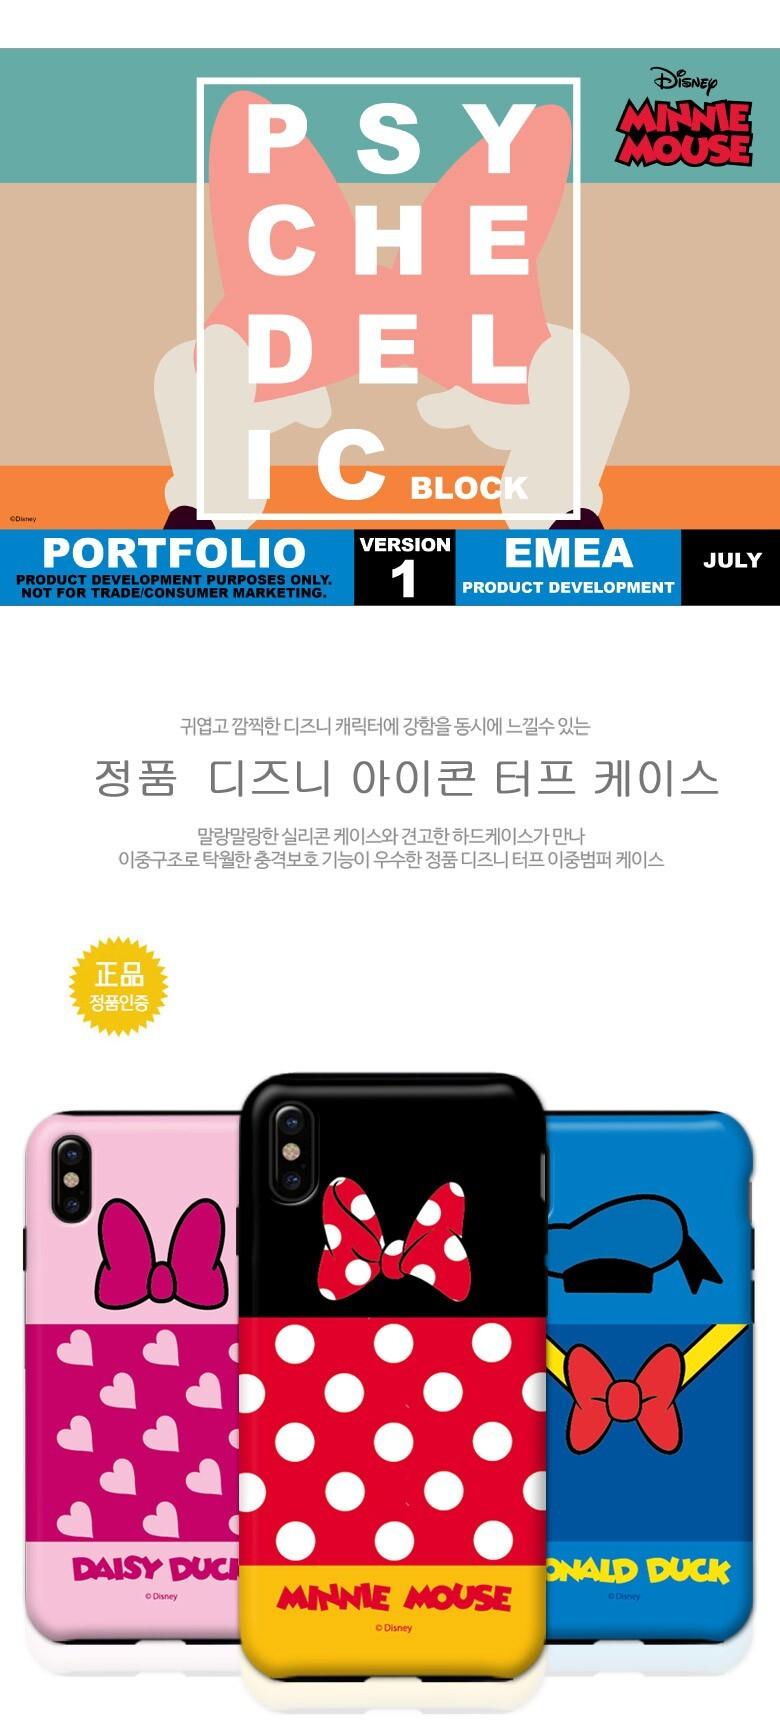 터프케이스,2중케이스,아이폰케이스,핸드폰케이스,스마트폰케이스,아이폰11케이스,갤럭시카드케이스,아이폰 11 pro 케이스,노트10케이스